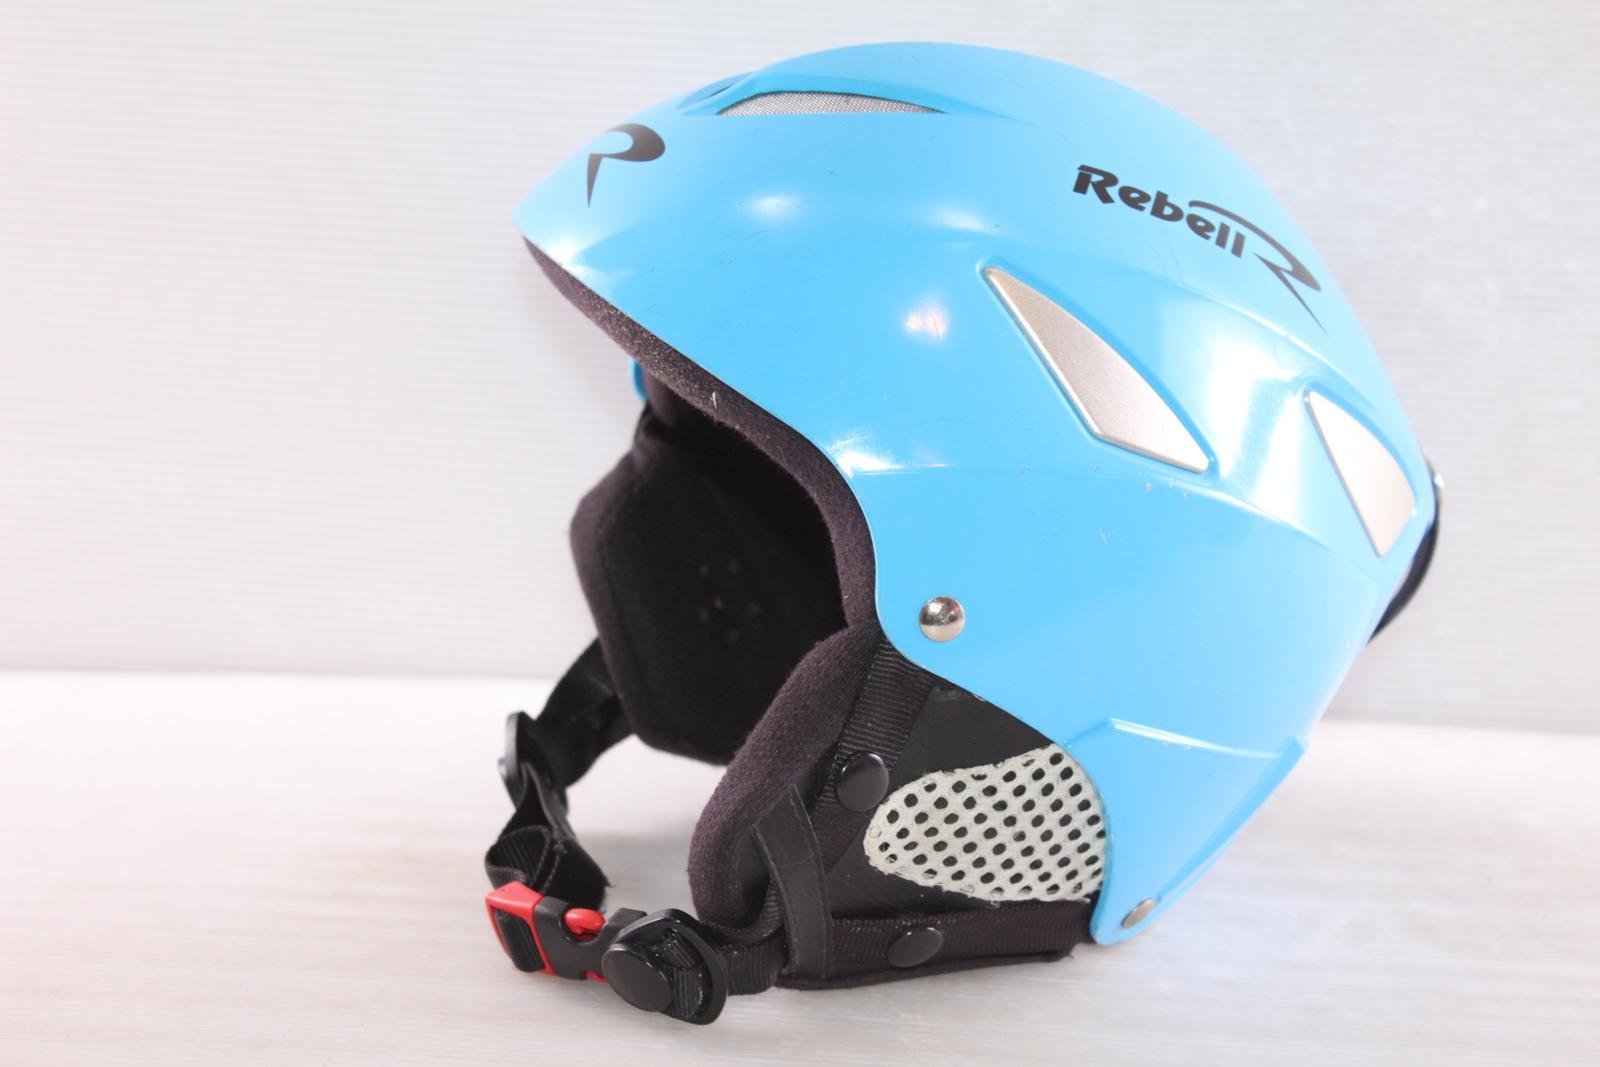 Dětská lyžařská helma Rebel Rebell vel. 54